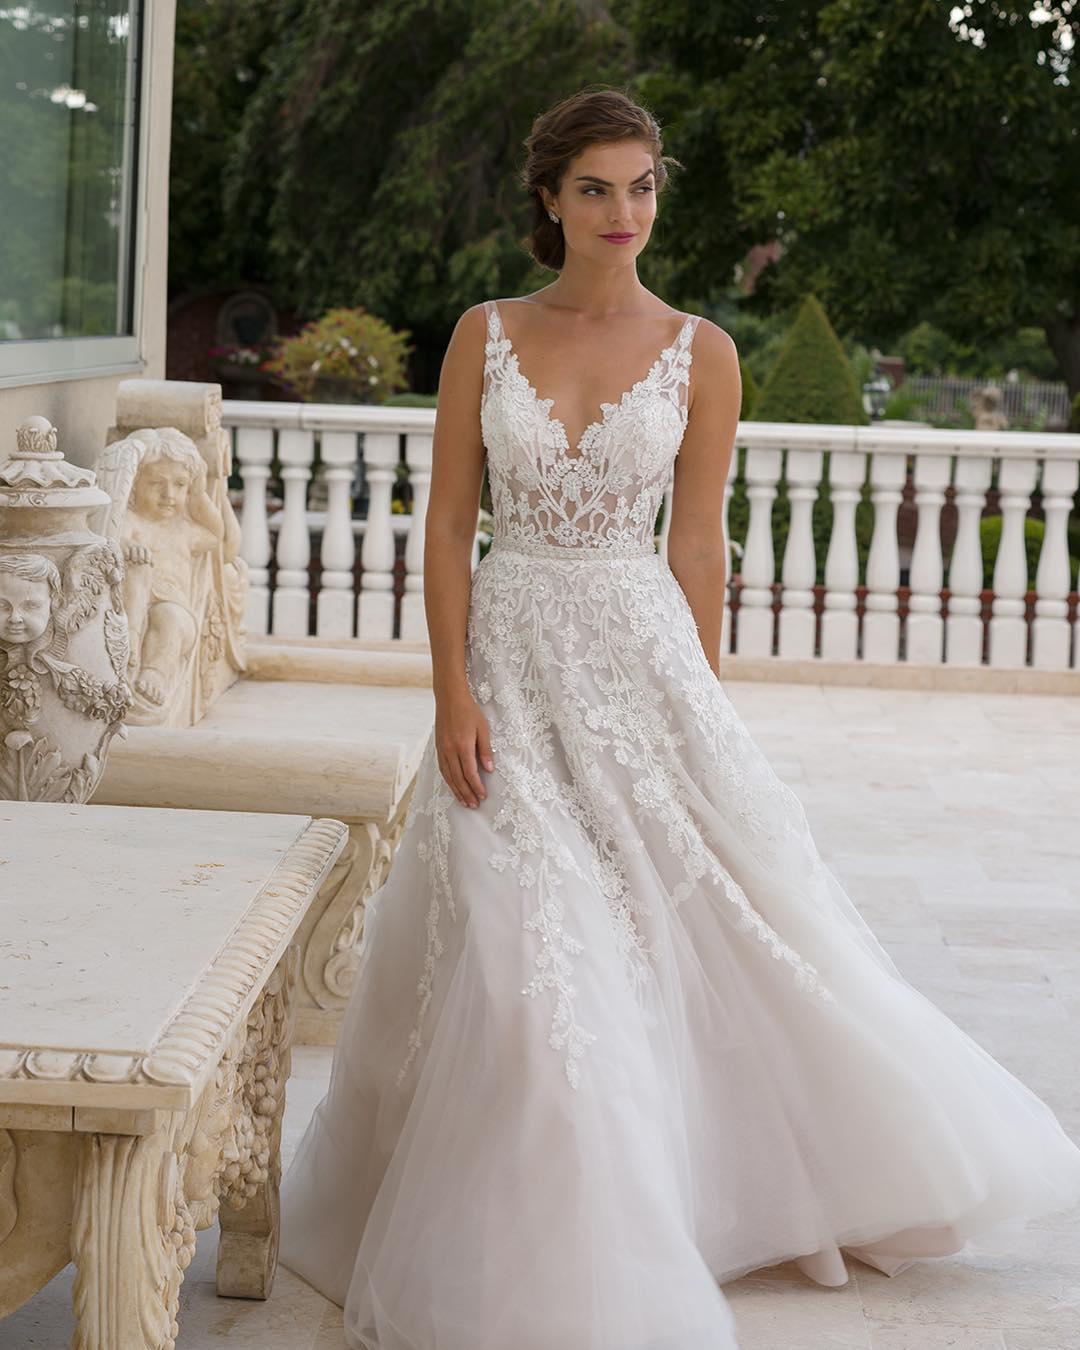 Vestidos De Noiva Guia 2019 Dos Melhores Modelos Marcas E